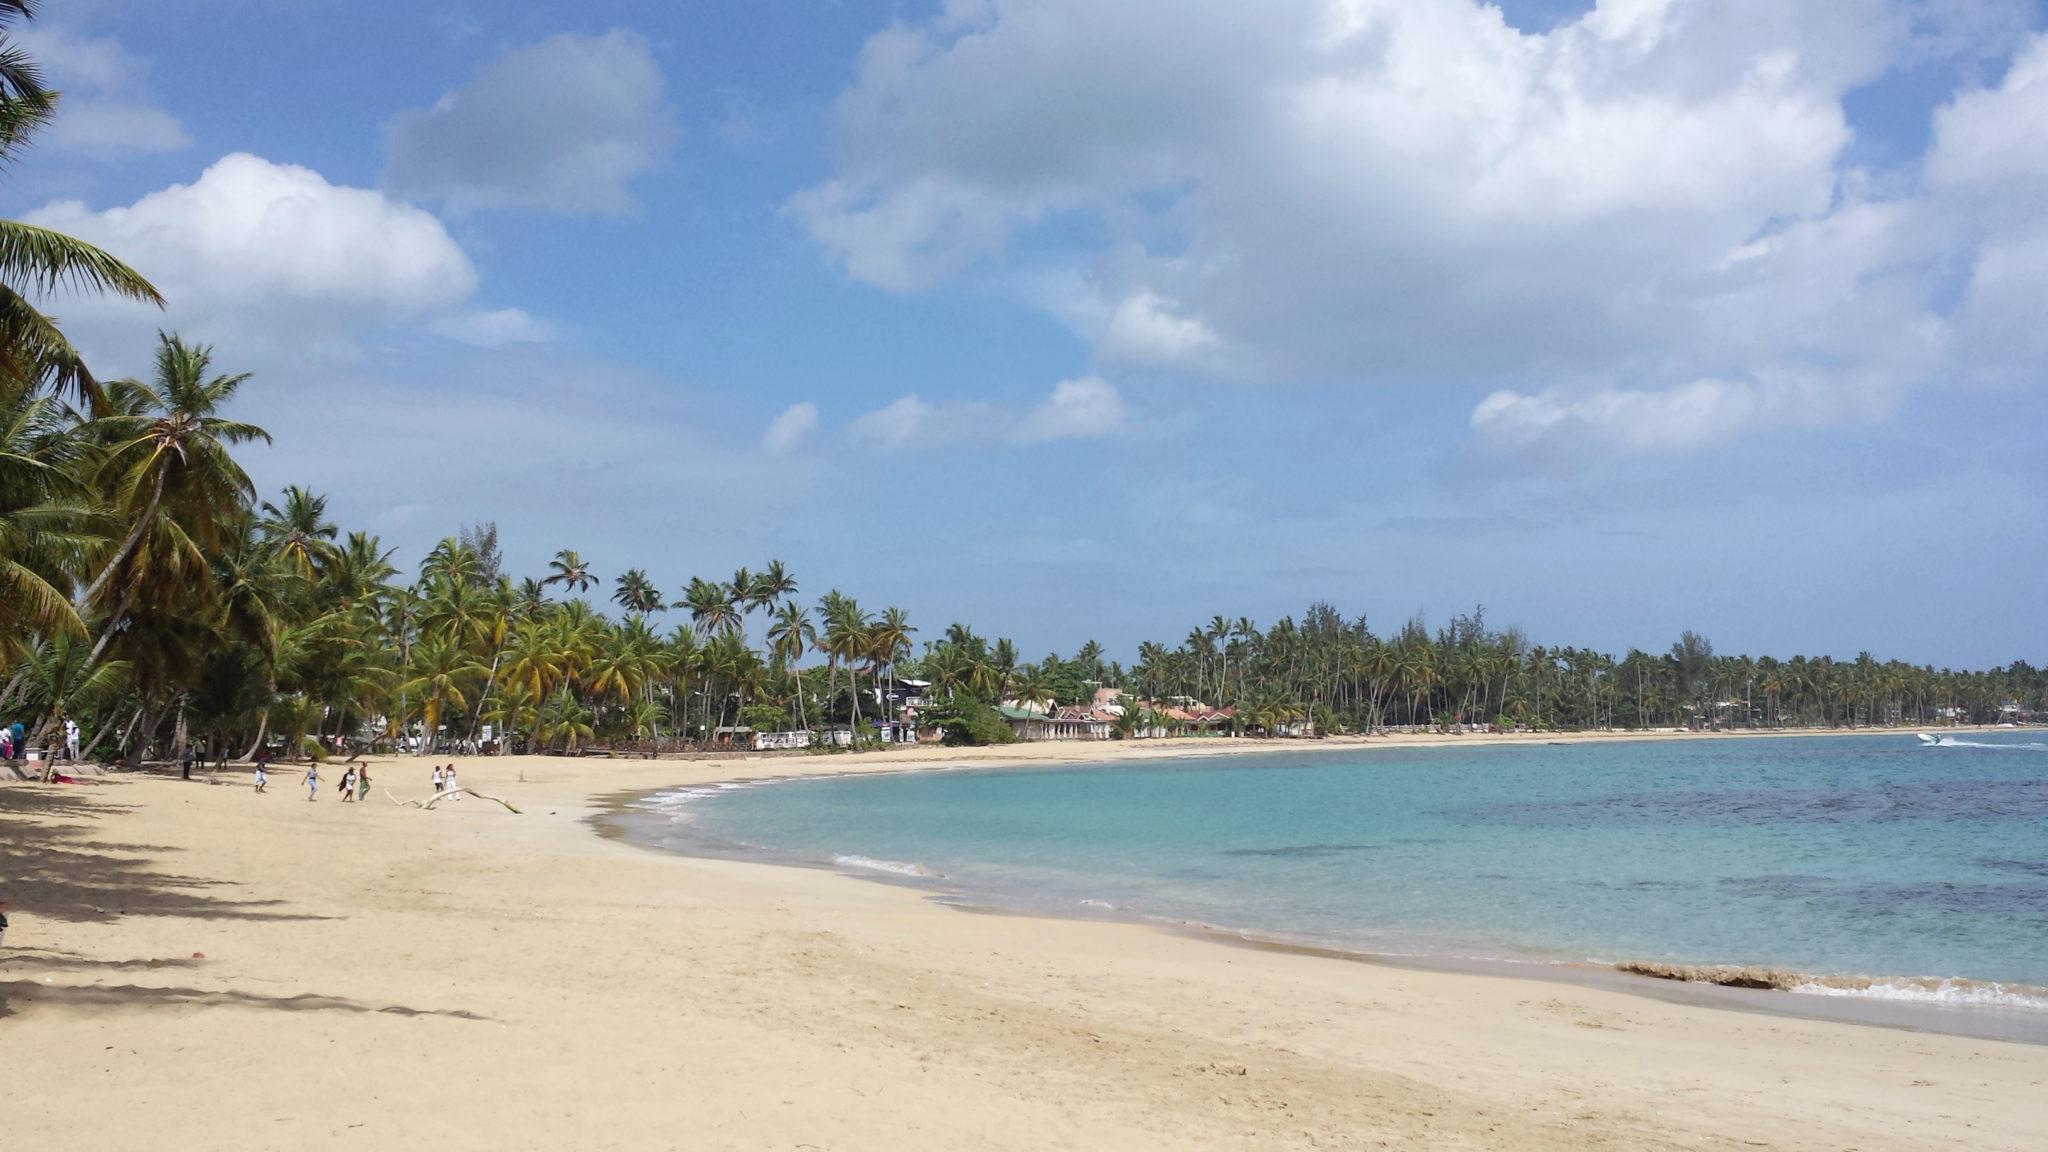 Hema_pose_ses_valises_republique_dominicaine_las_terrenas_plage_panoramique_10